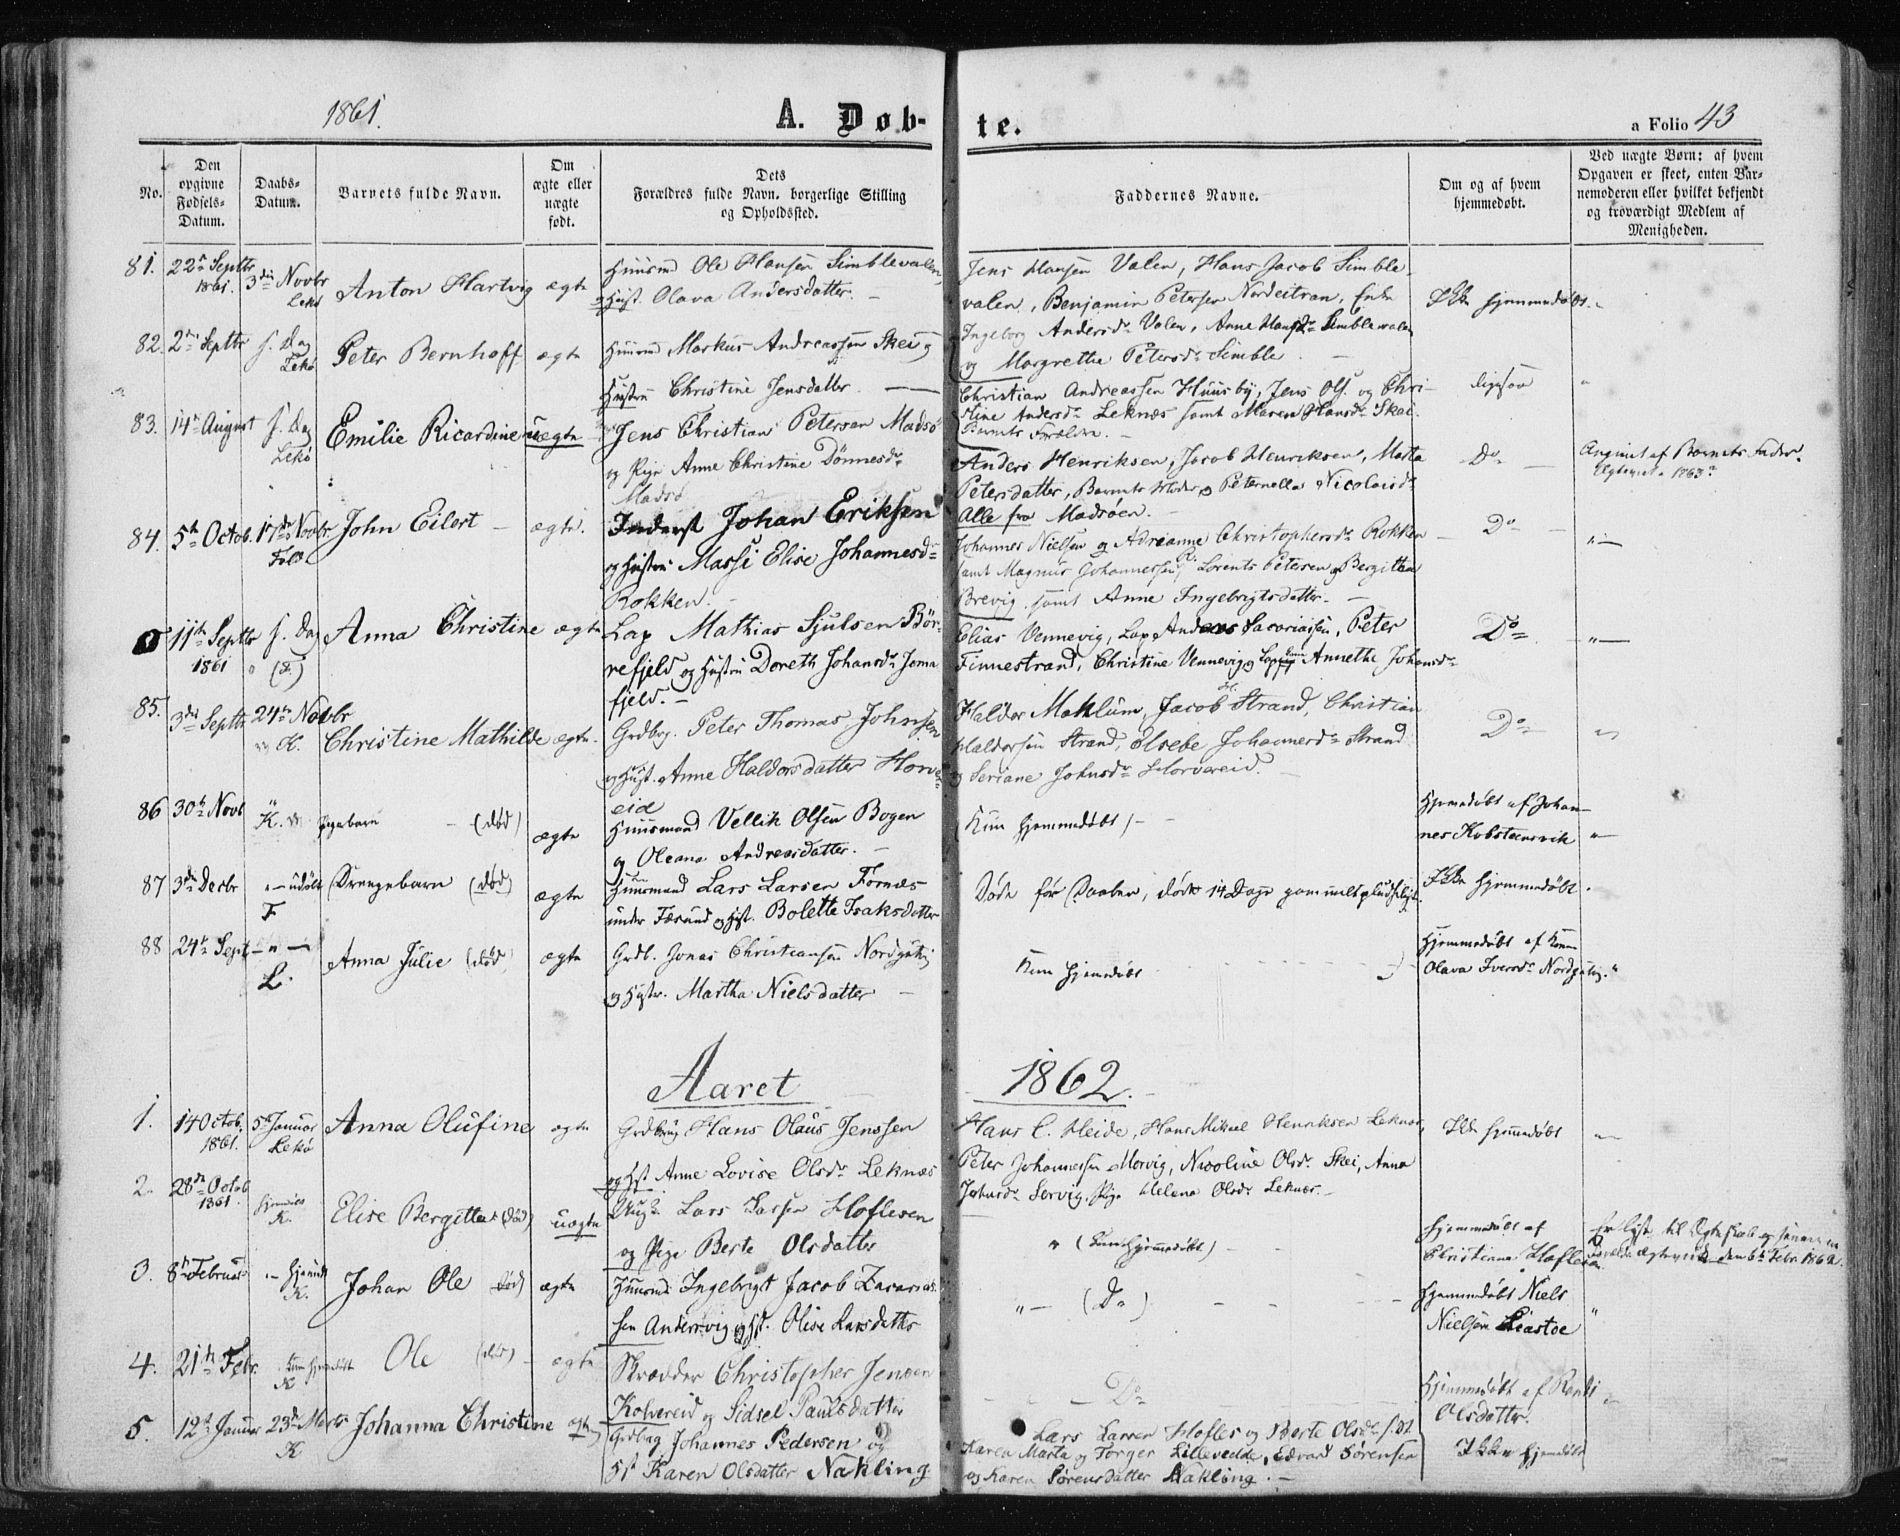 SAT, Ministerialprotokoller, klokkerbøker og fødselsregistre - Nord-Trøndelag, 780/L0641: Ministerialbok nr. 780A06, 1857-1874, s. 43